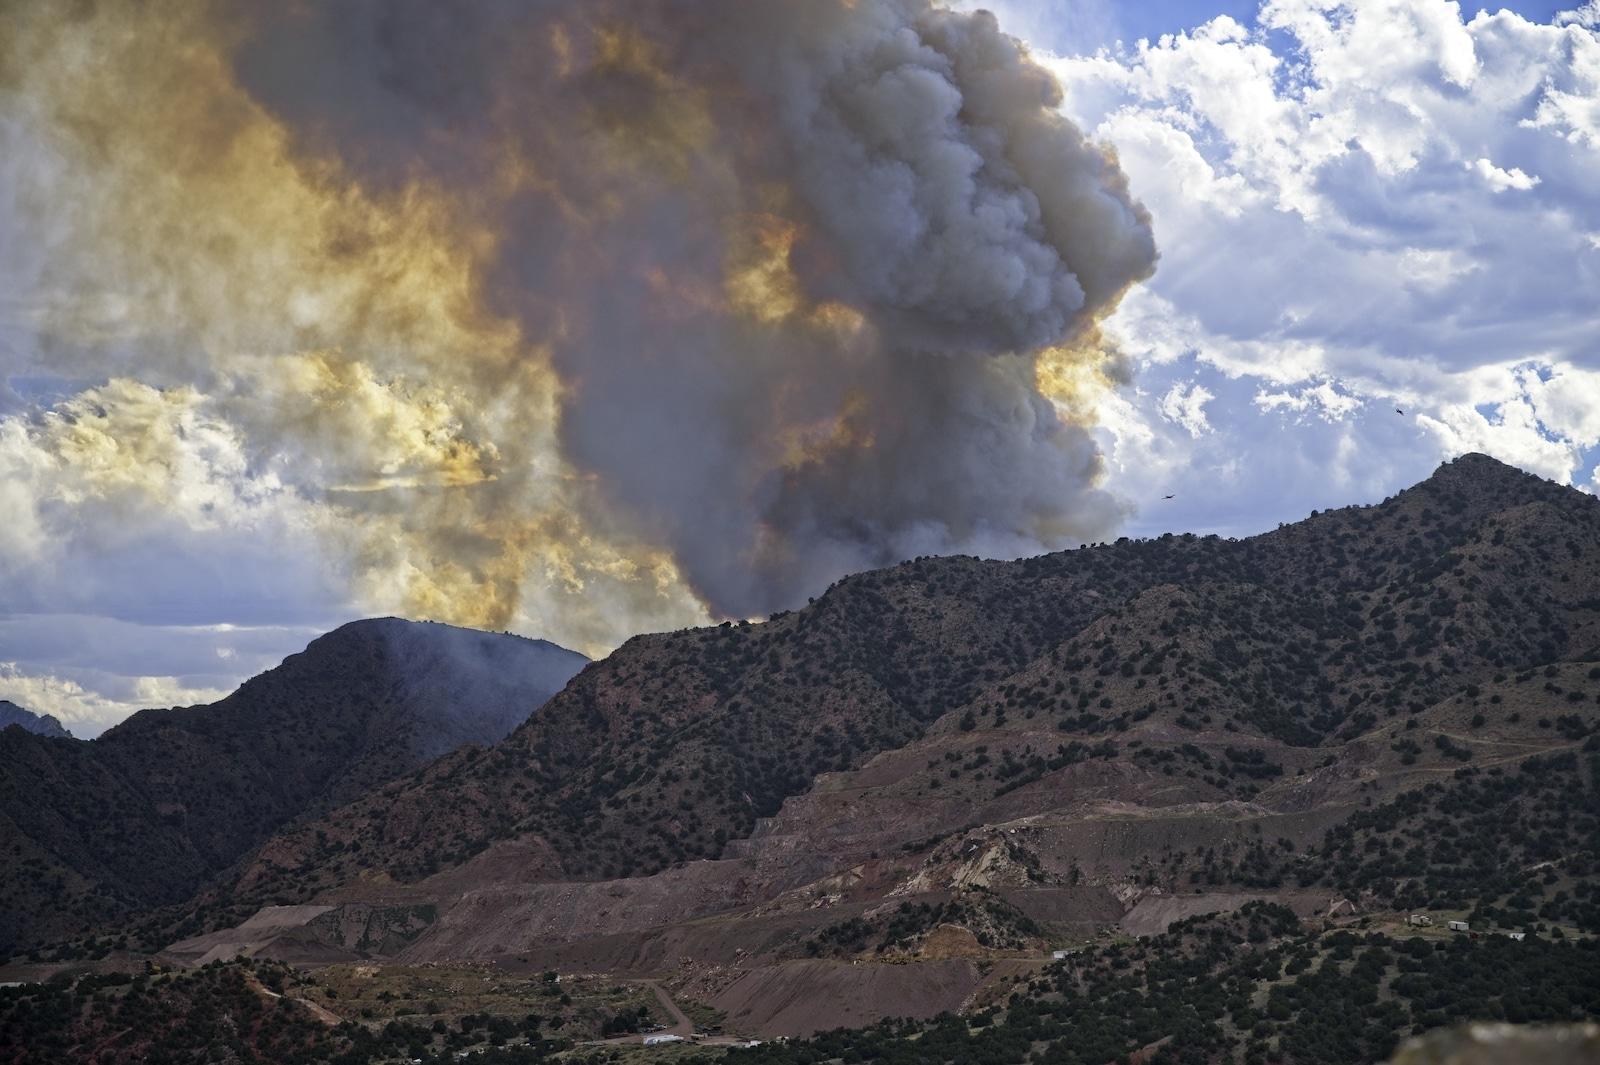 YMCA Mountain Fire 2020 Colorado